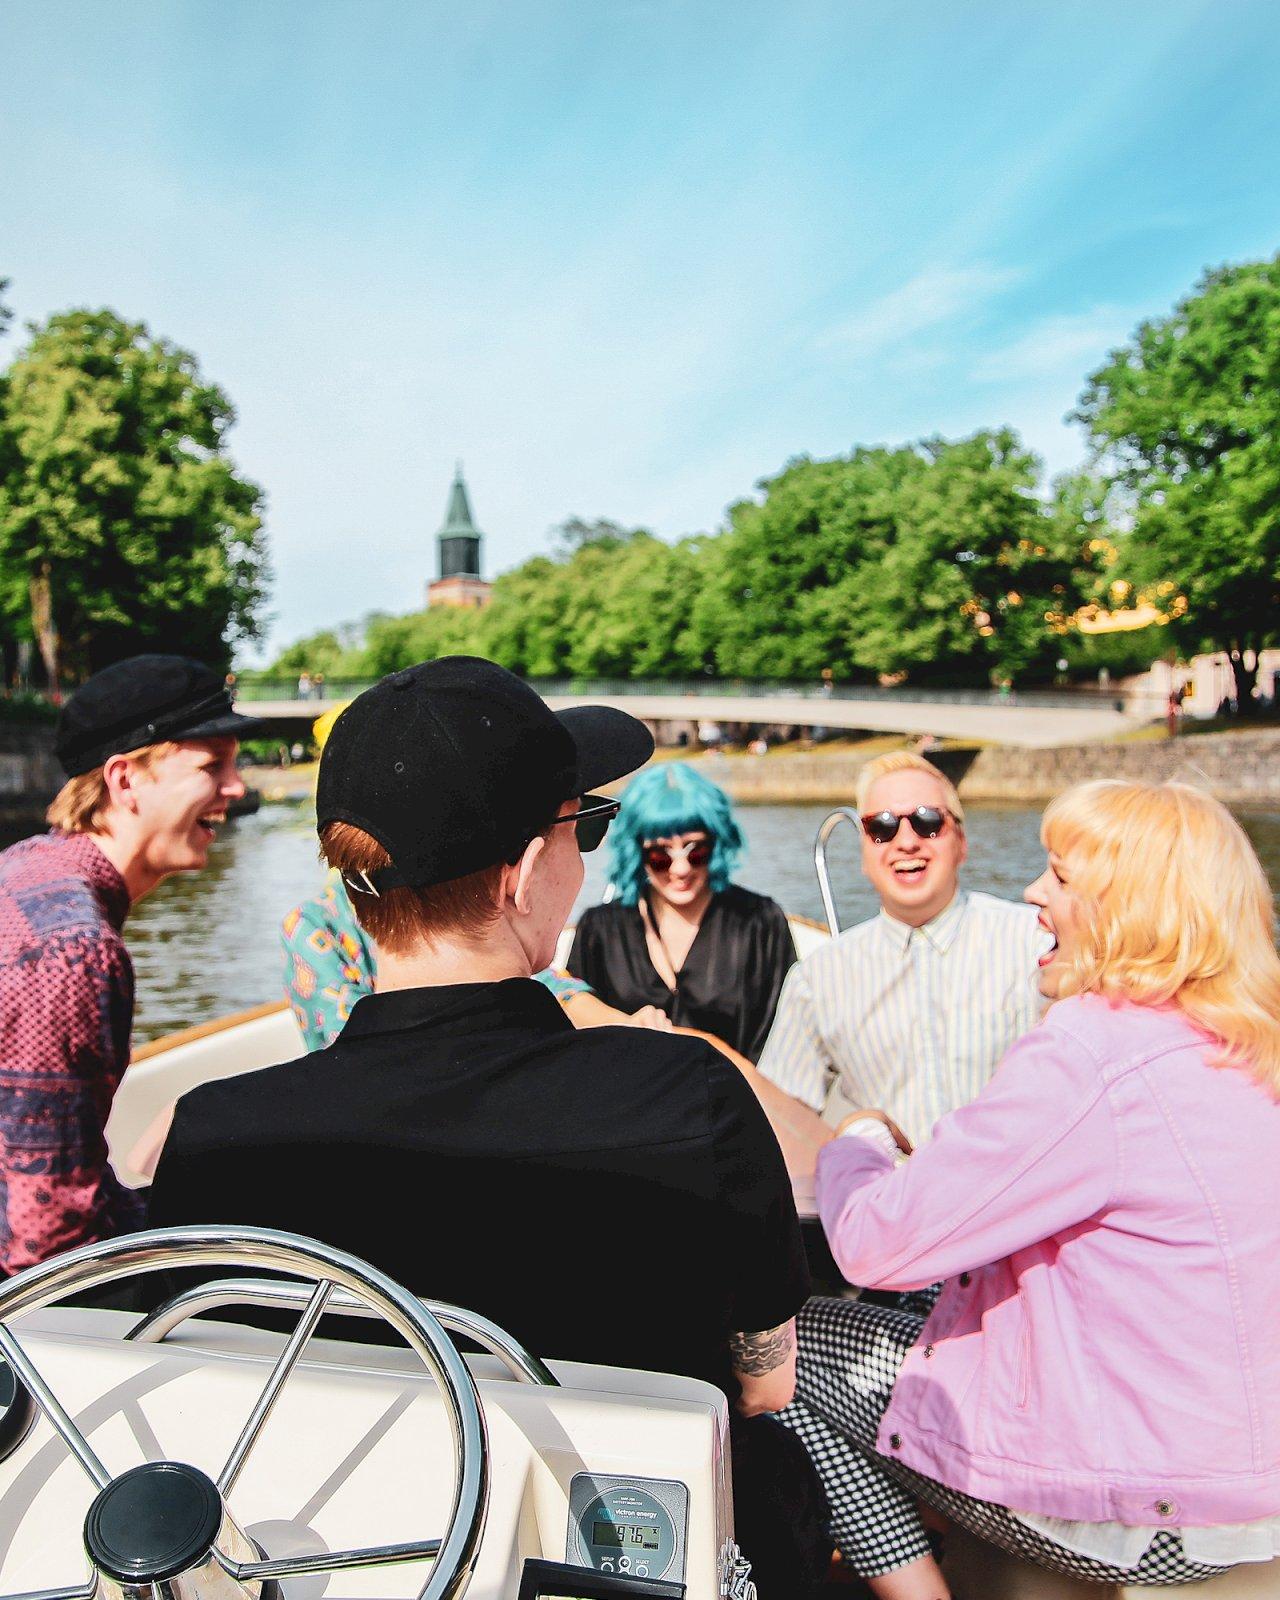 Viisi ystävystä Låna-veneen kyydissä Aurajoella.